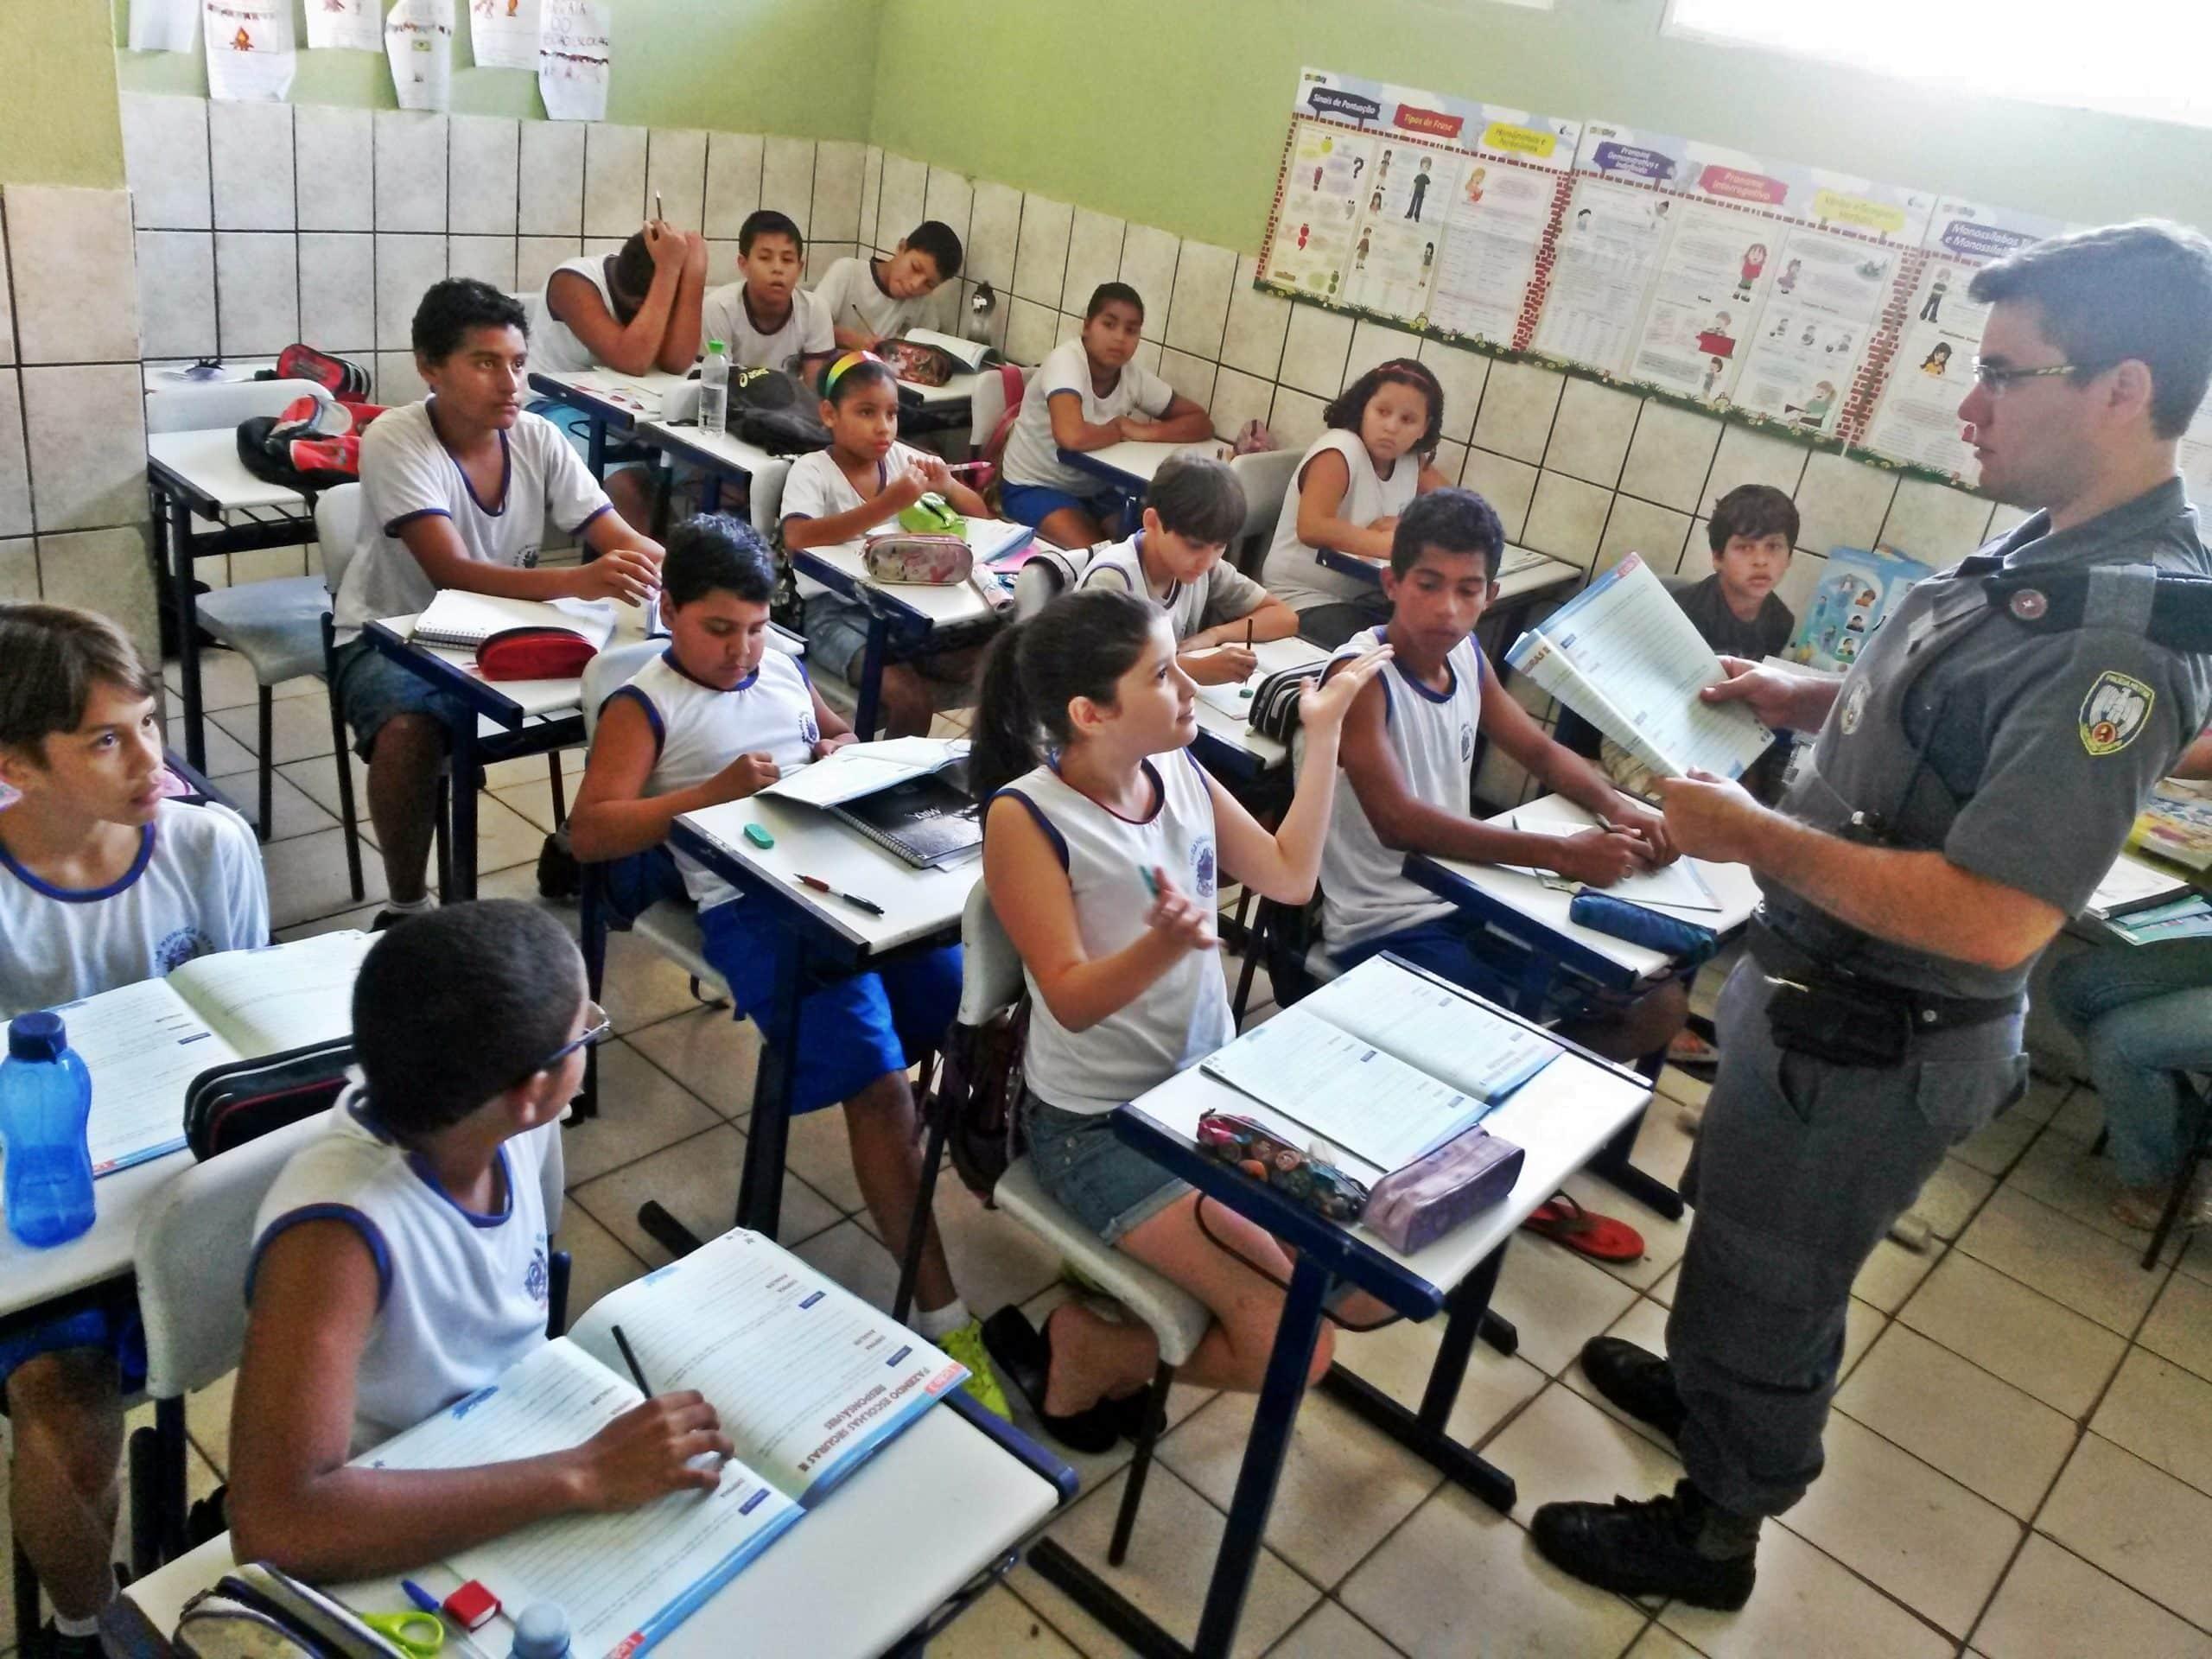 Ao todo são 10 lições apresentadas em sala de aula, através de uma revista educativa